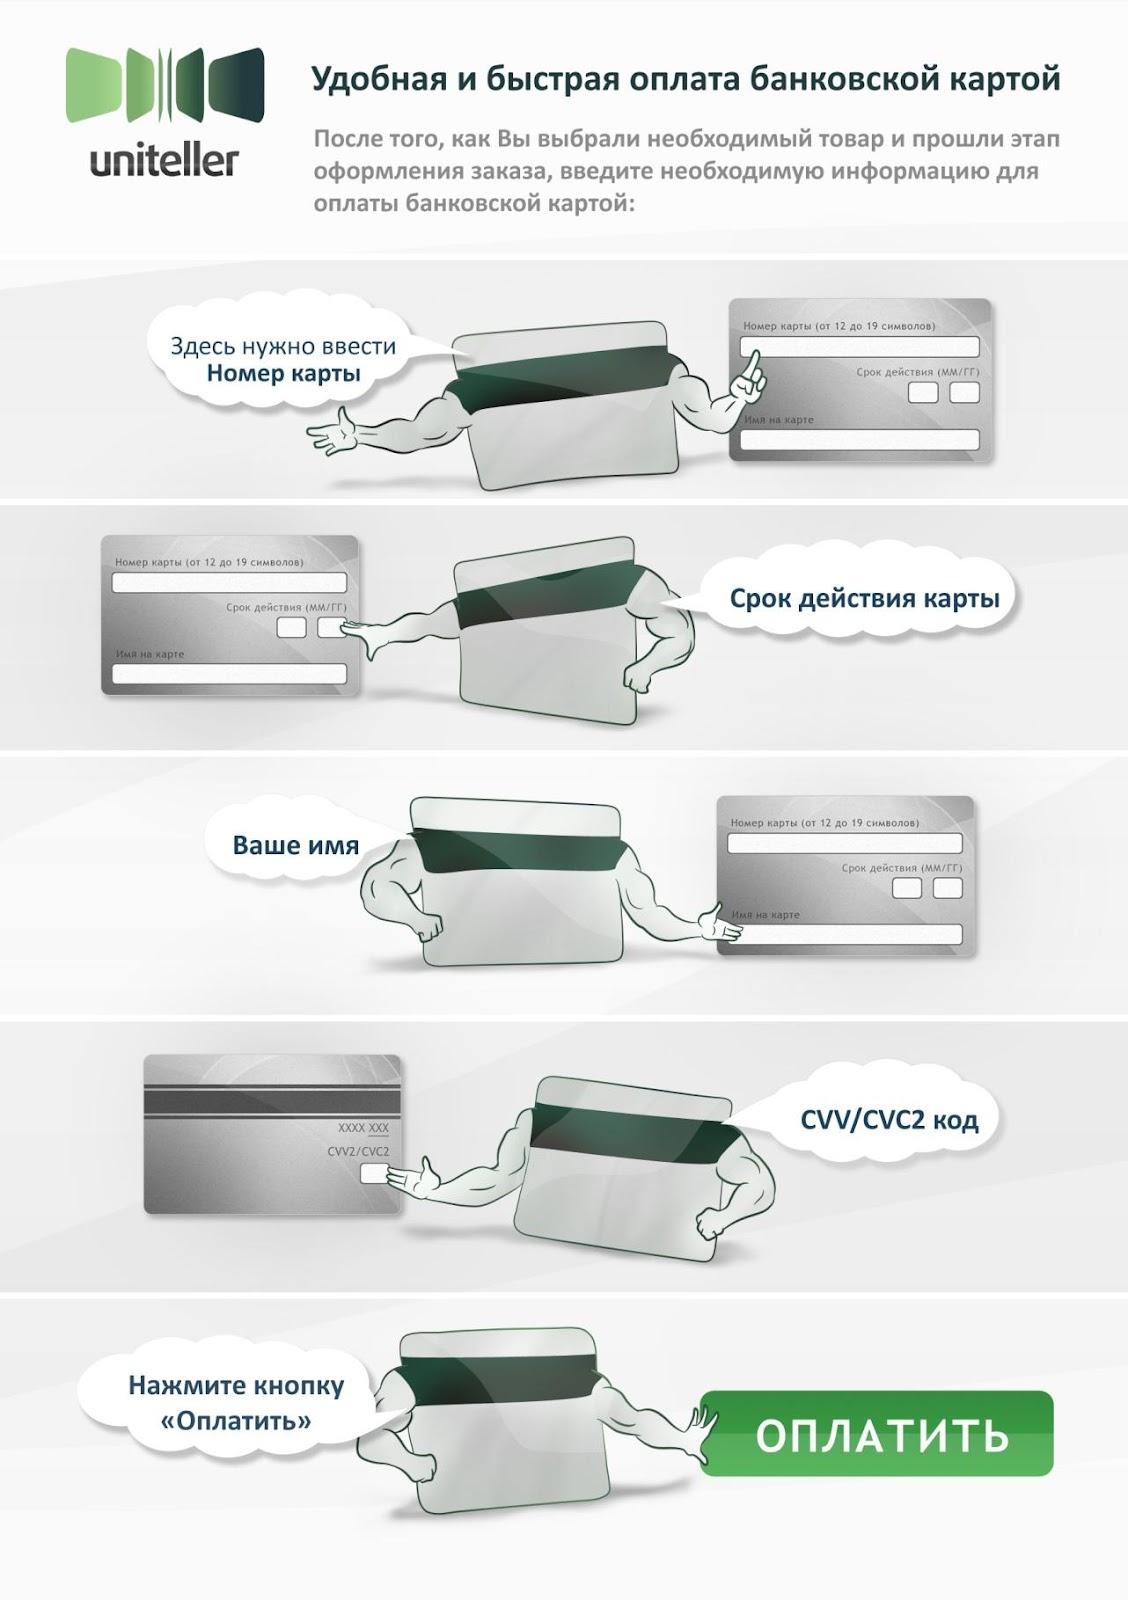 \\Begemotov\azshop\Polubnev\Интернет-эквайринг Uniteller\Инструкция по оплате банковской картой\Оплата картой онлайн.jpg